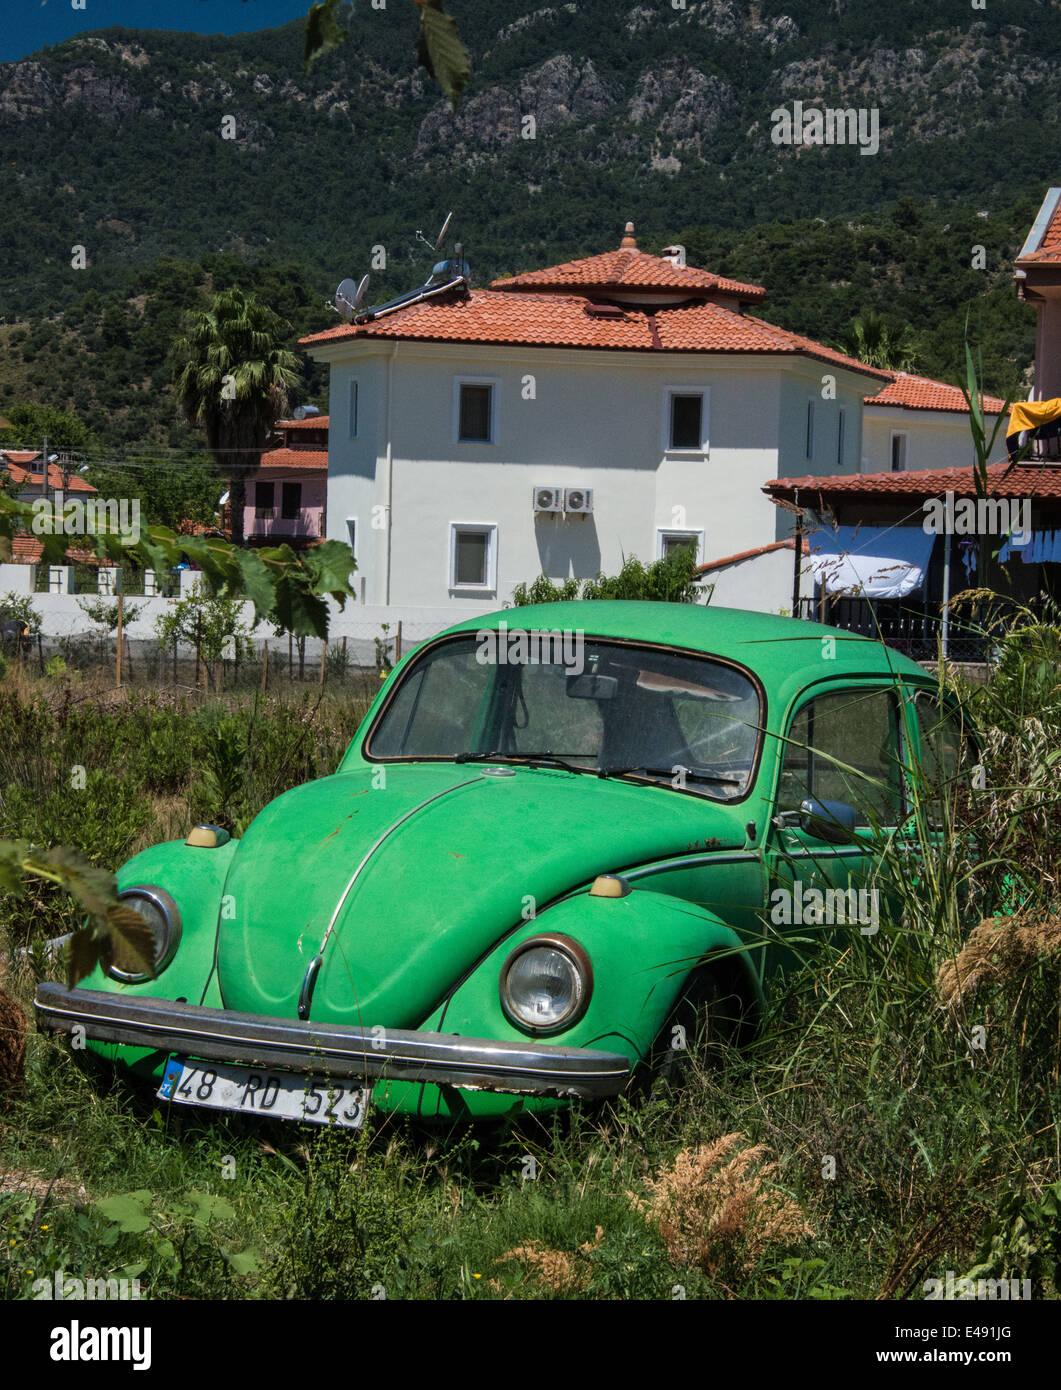 Abandoned VW Beetle 1302. - Stock Image